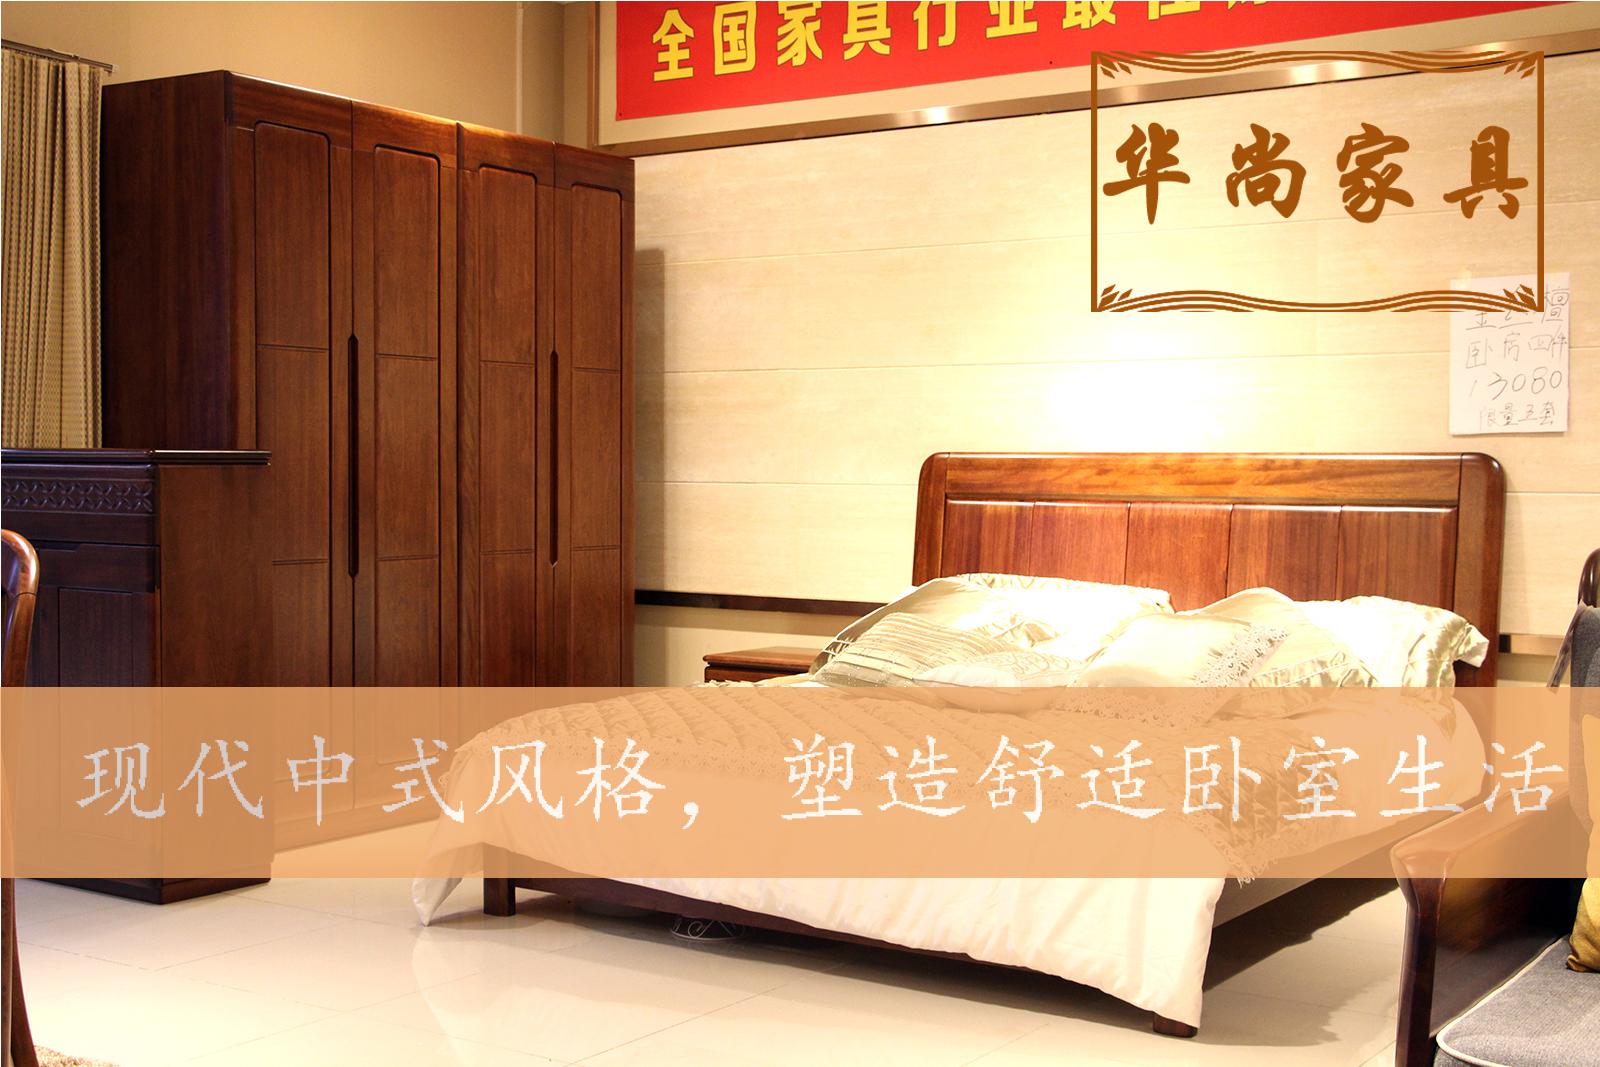 金丝檀木卧室四件套  塑造舒适家居新生活